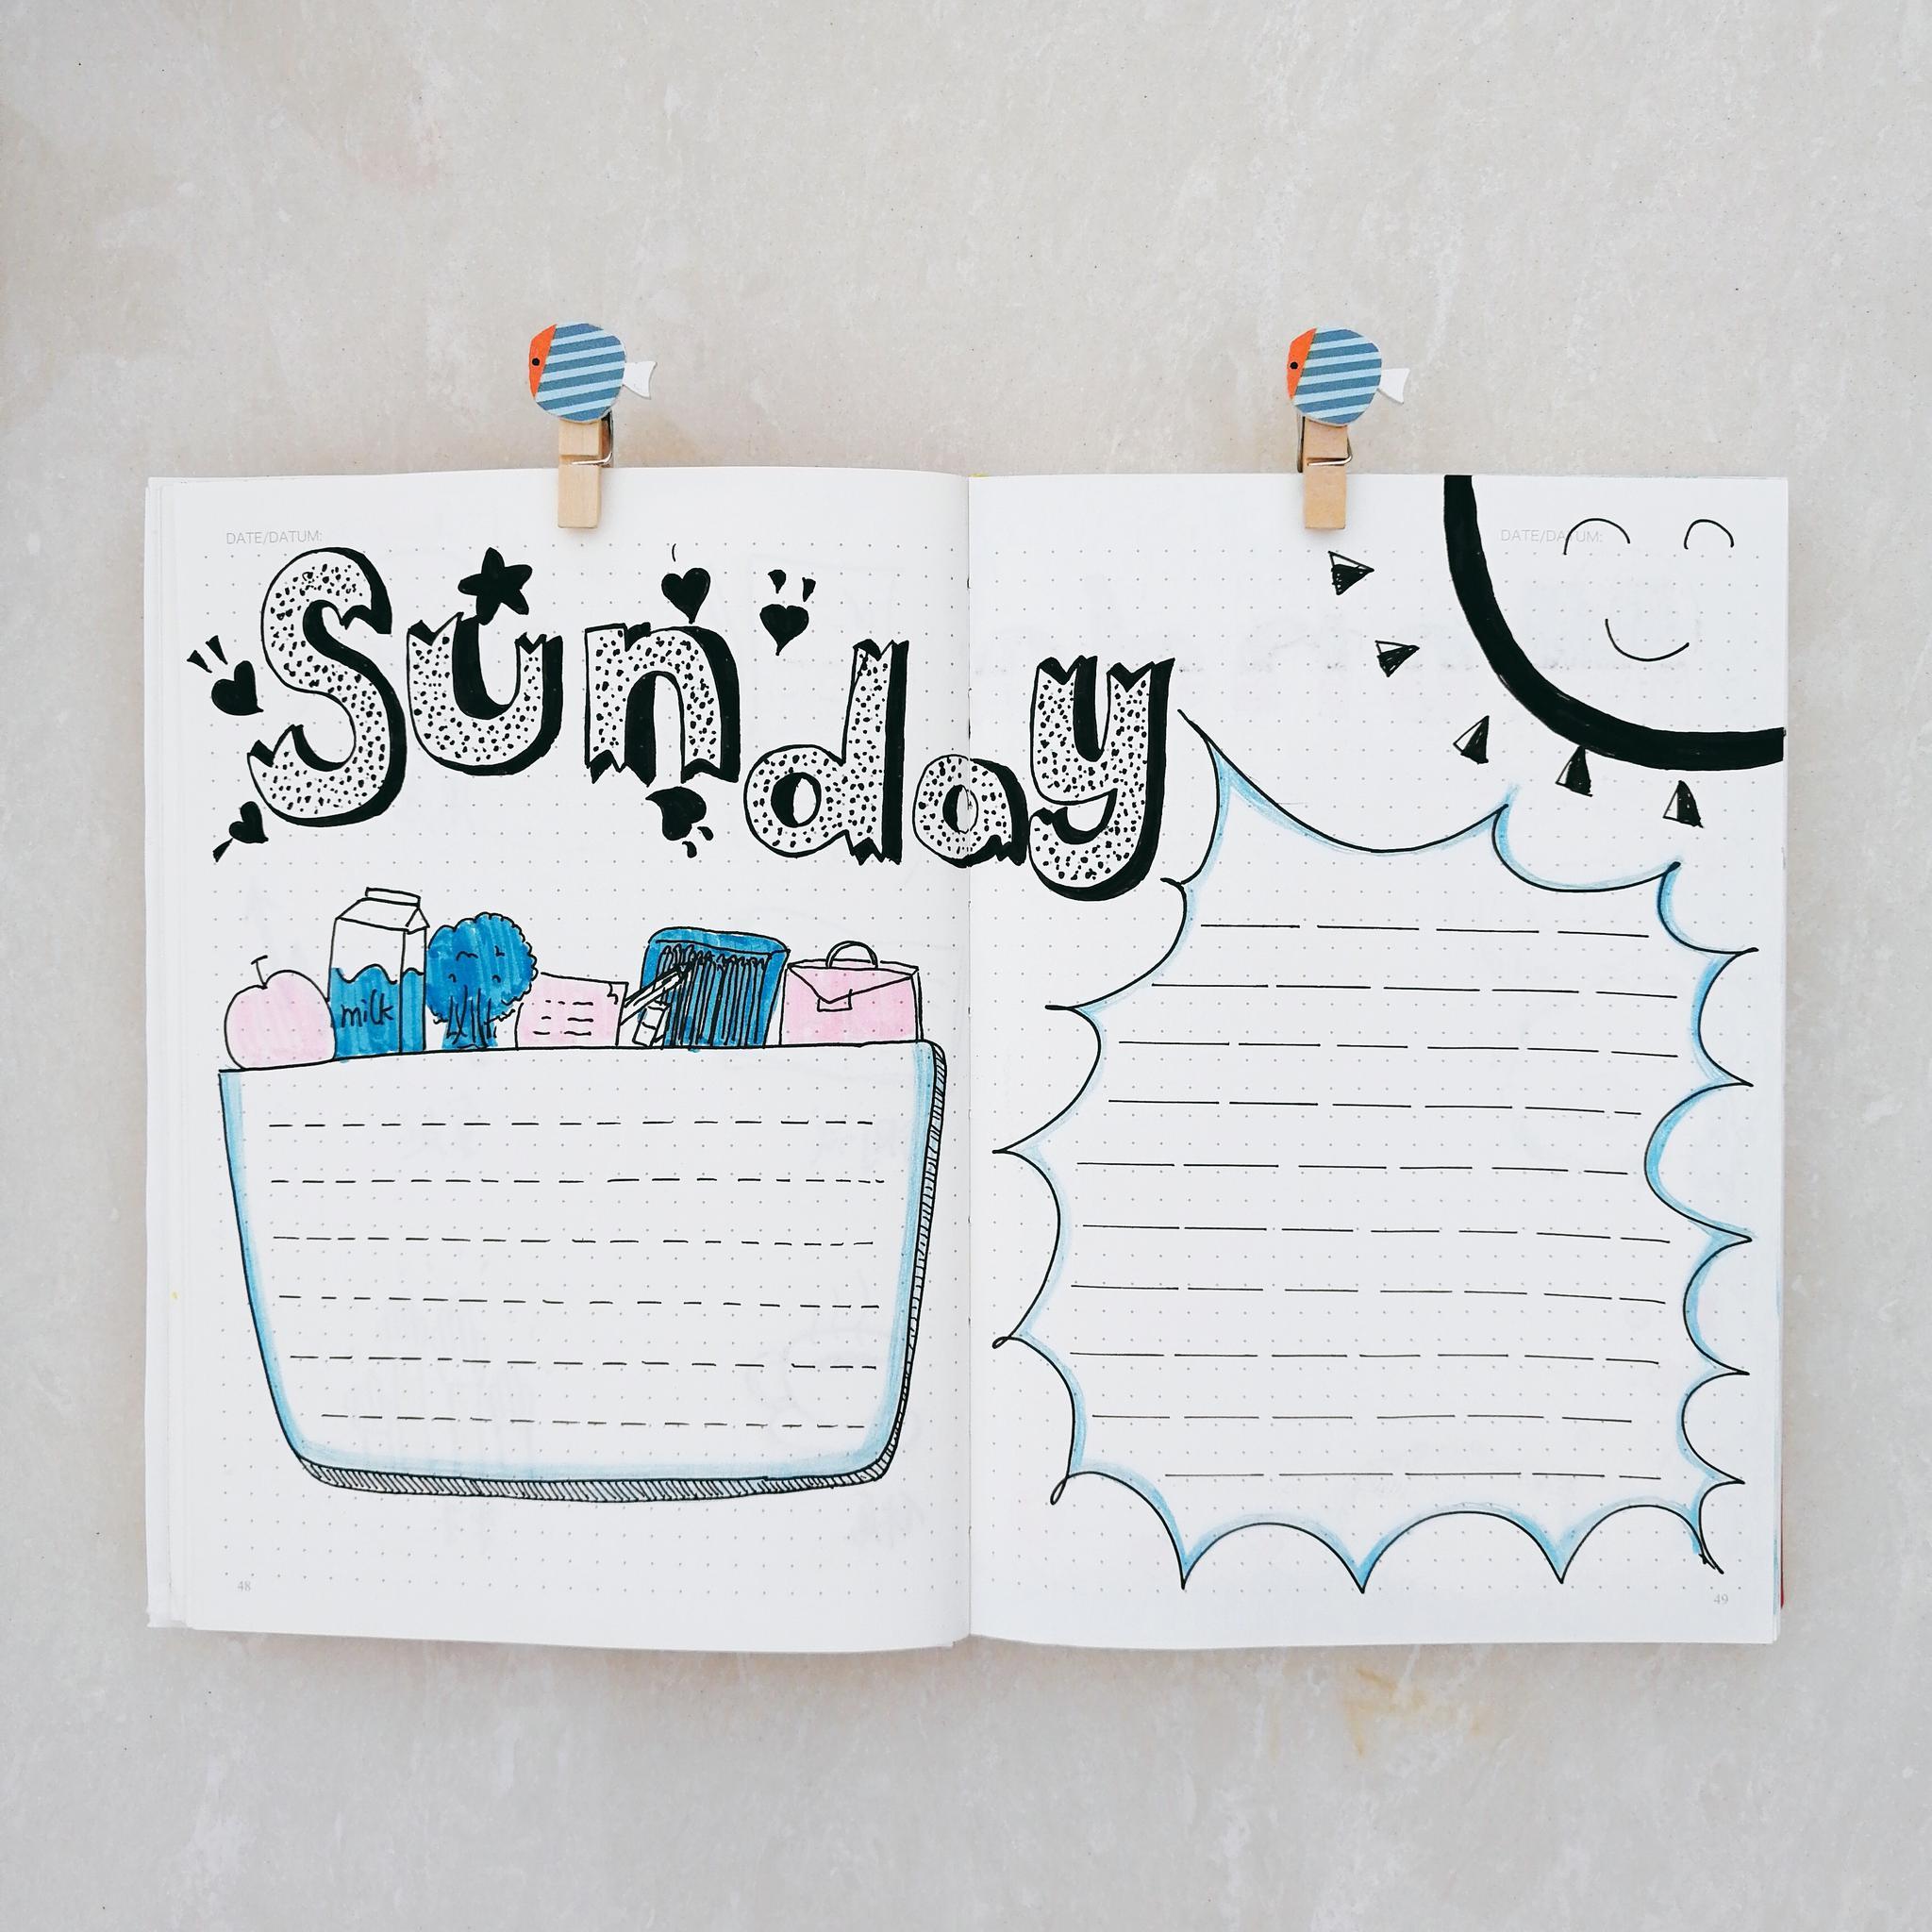 清新风每日手绘手抄报排版作者@伊伊手绘笔记